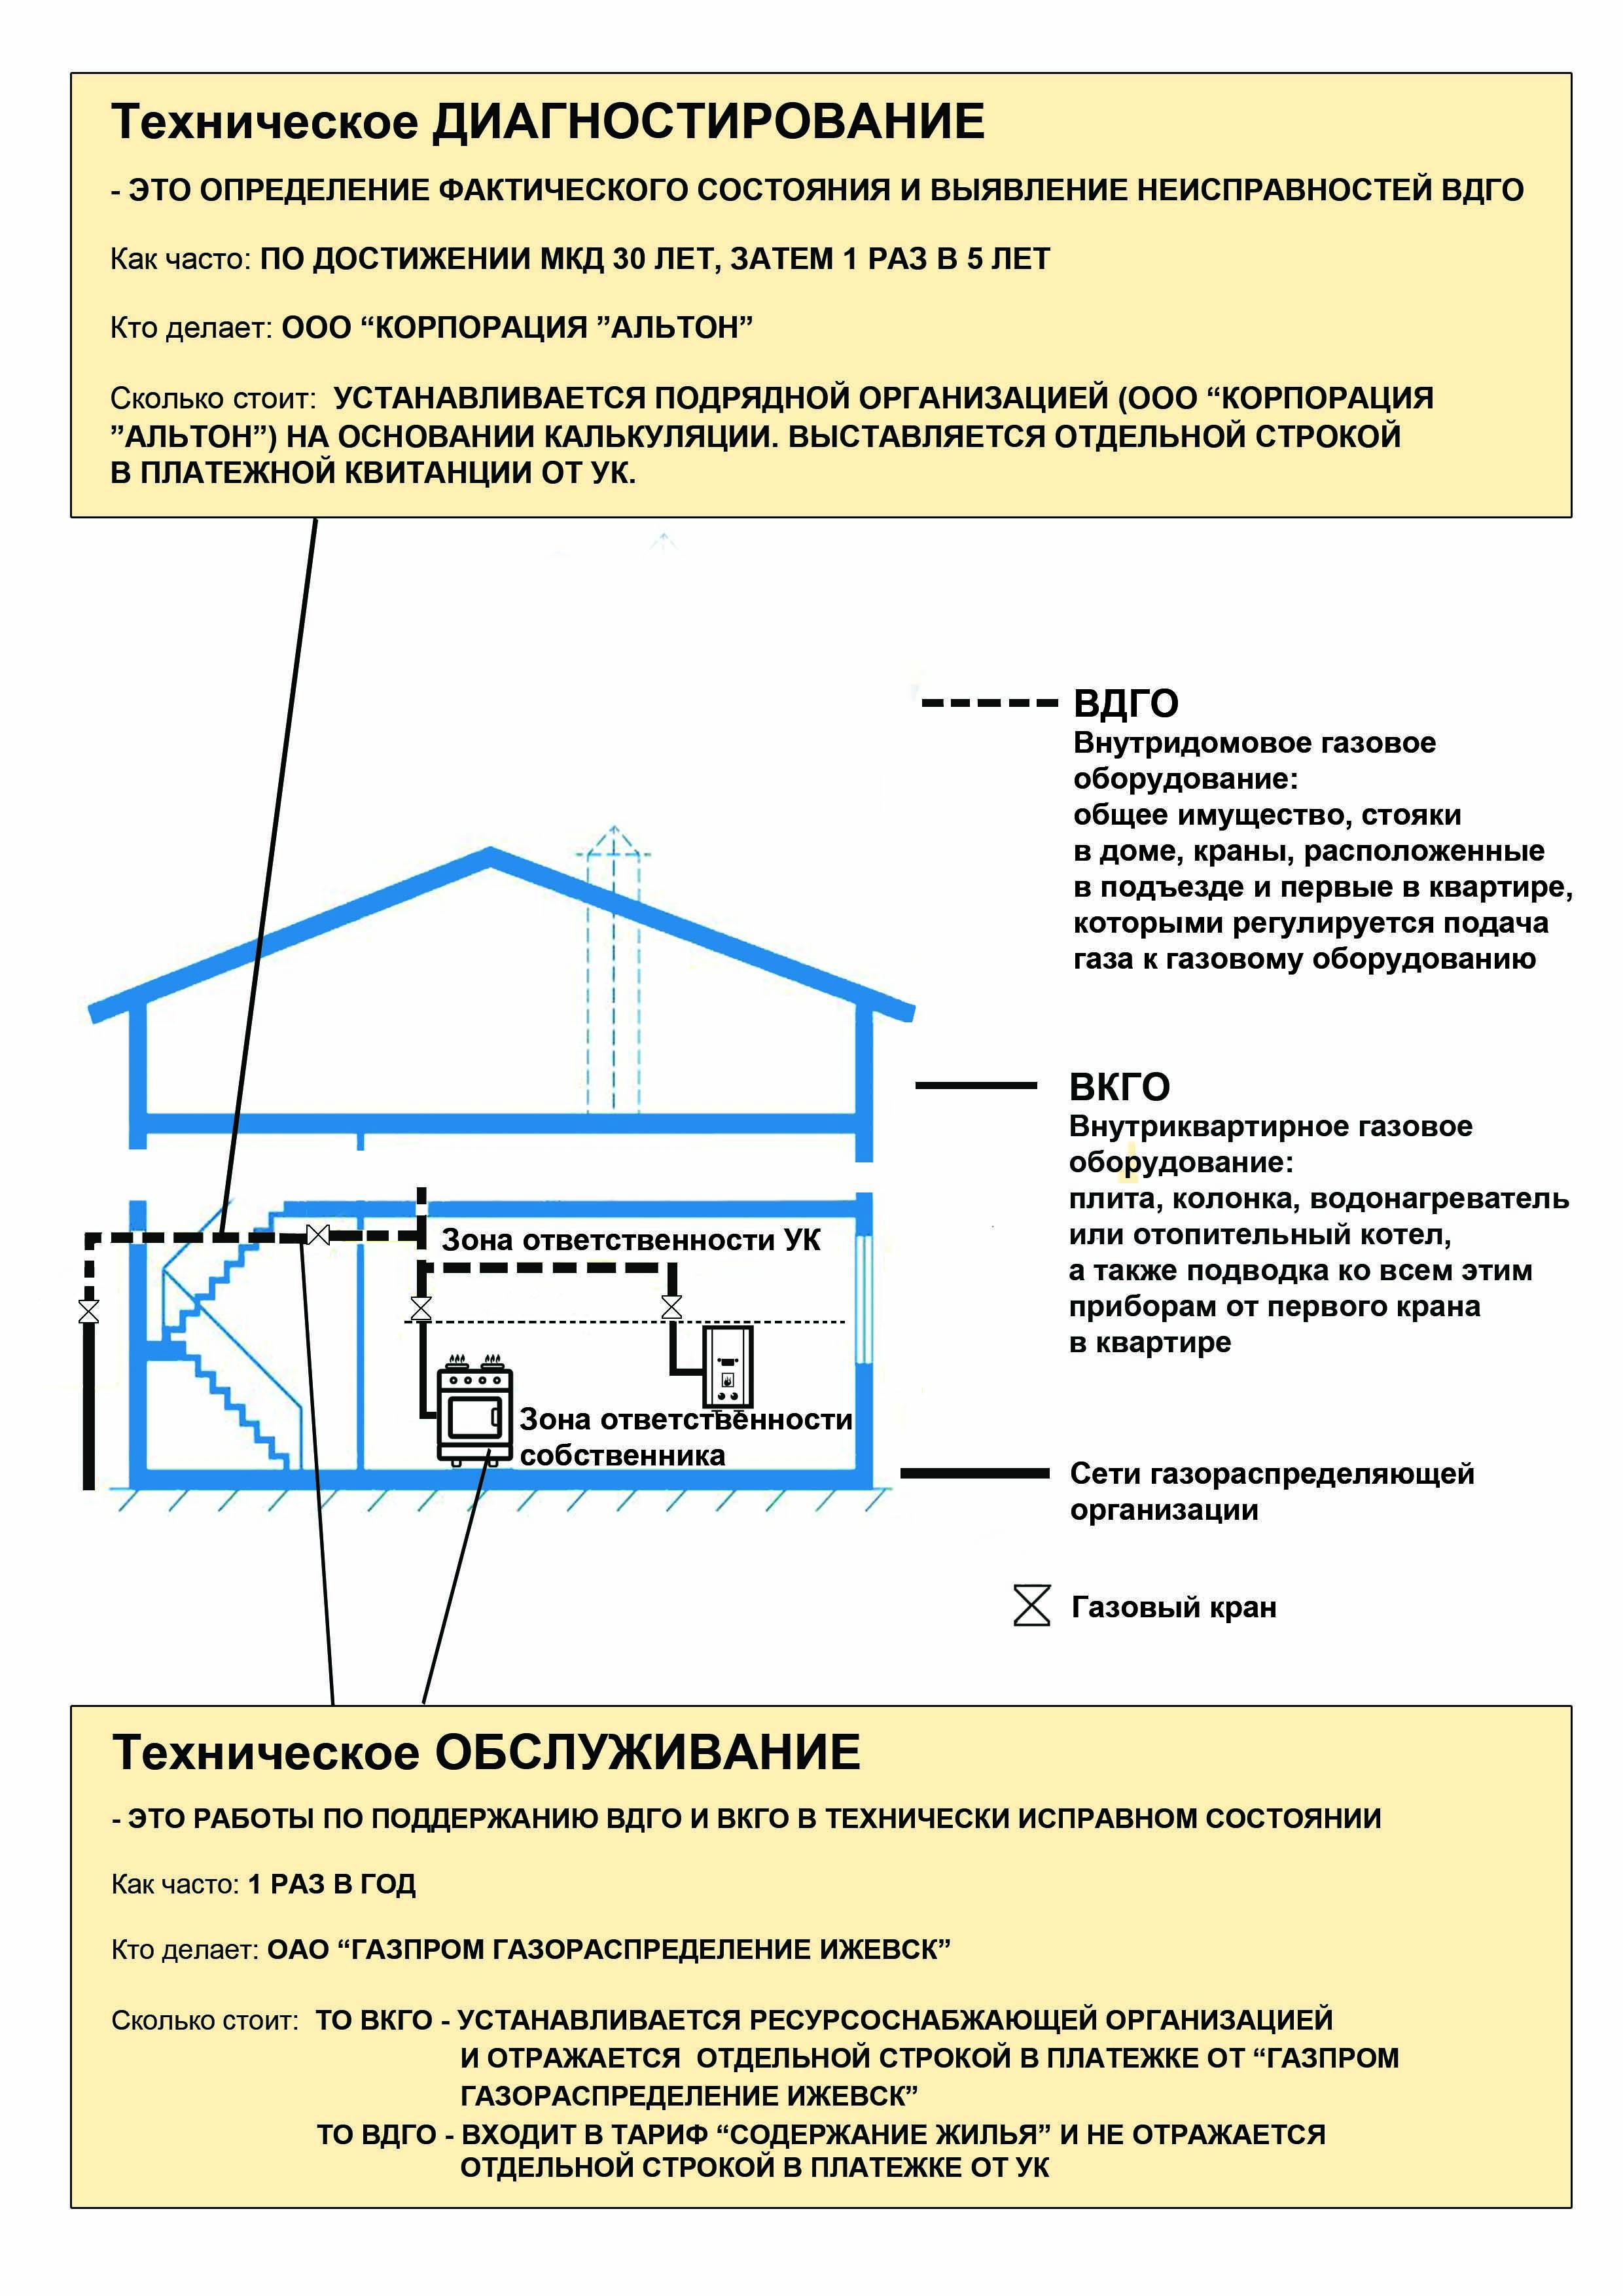 Обслуживание газовых плит в квартирах: что входит в то, сроки и периодичность обслуживания